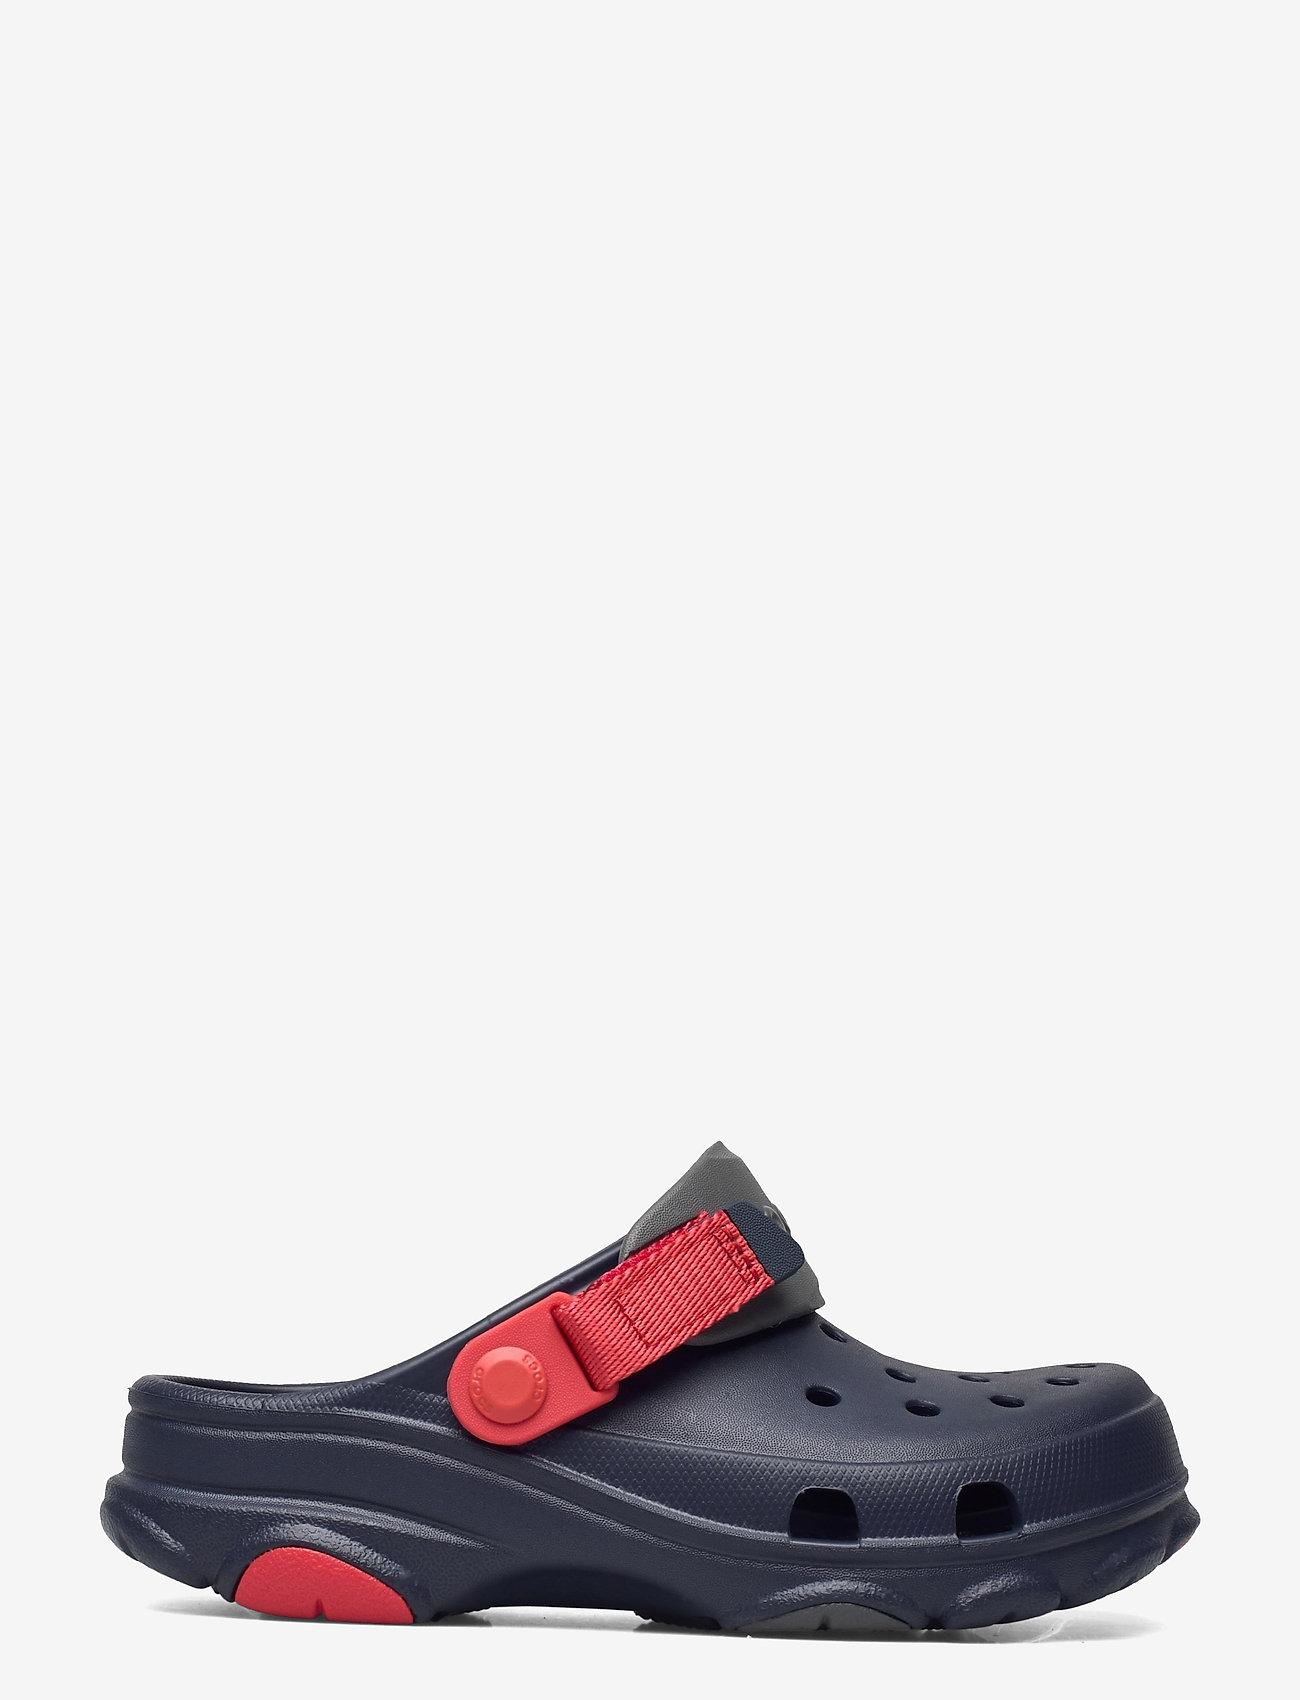 Crocs - Classic All-Terrain Clog K - navy - 1